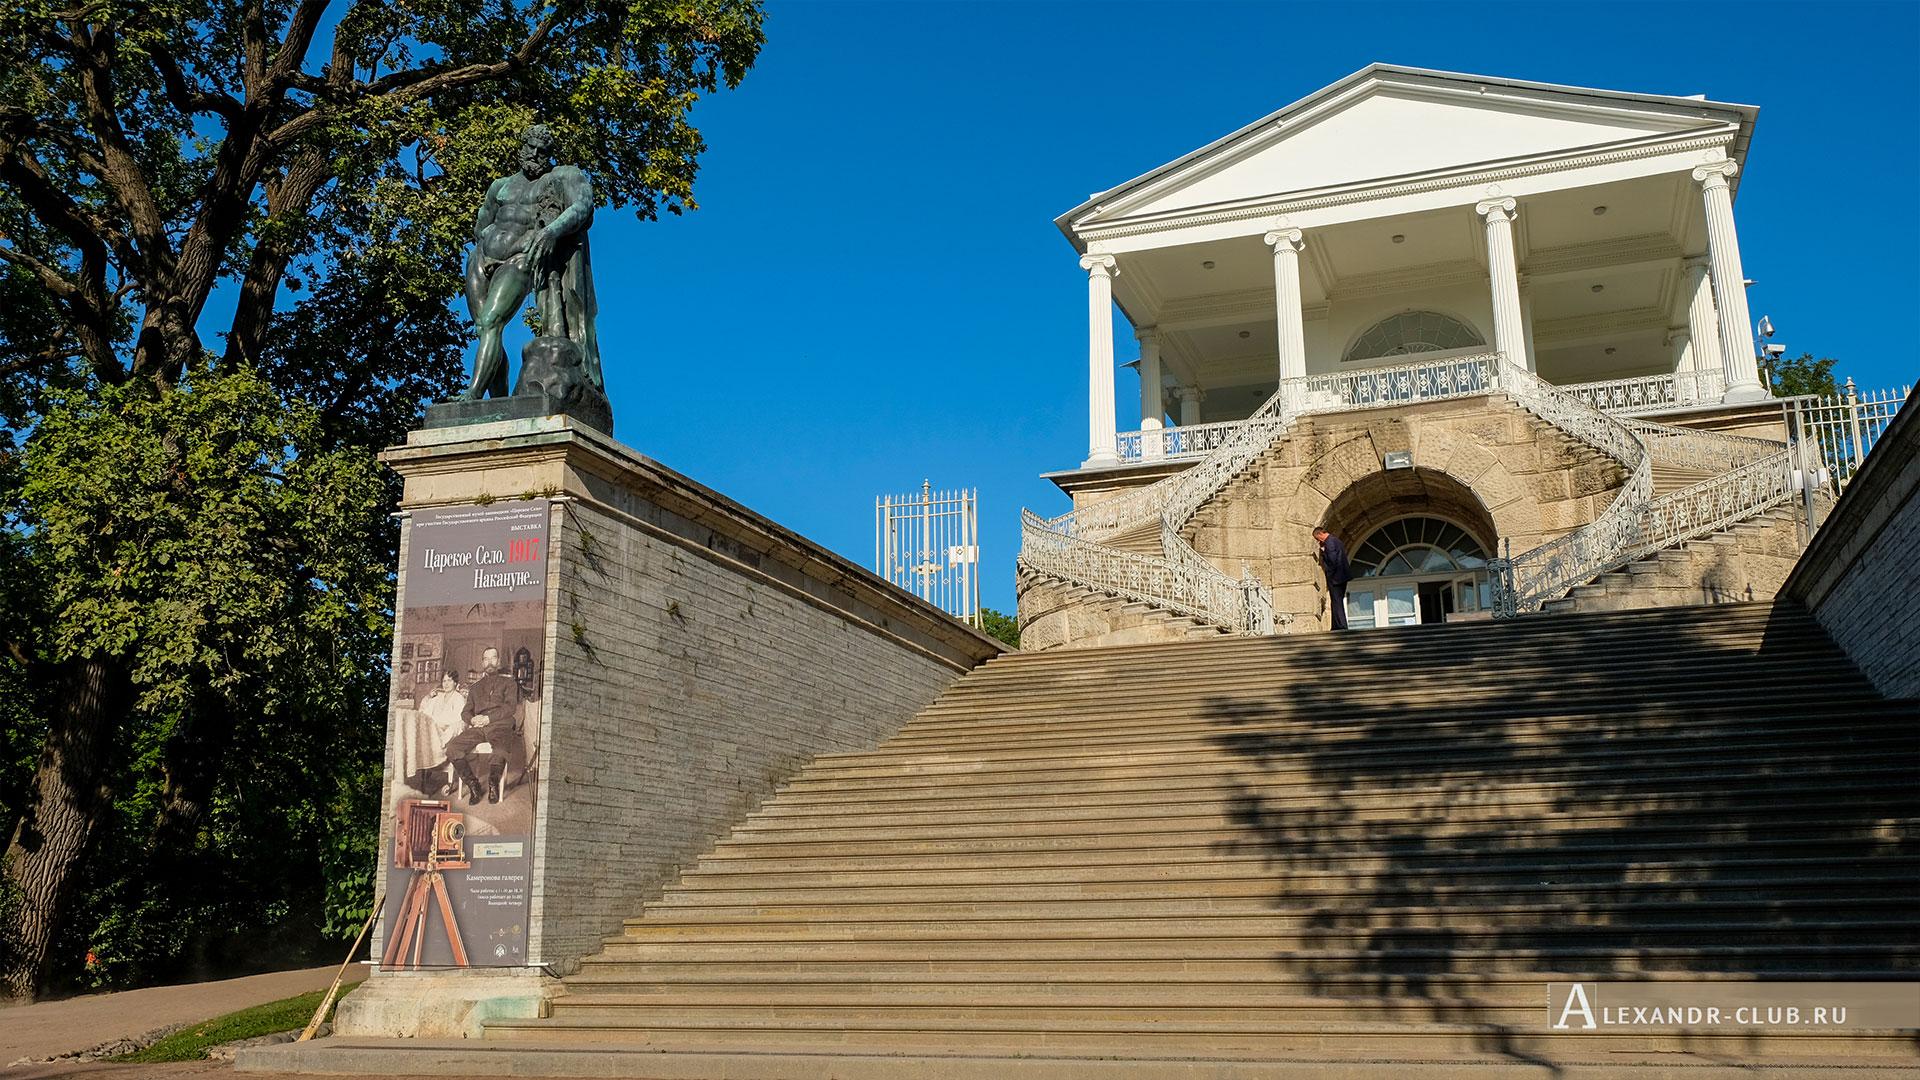 Царское Село, лето, Екатерининский парк, Камеронова галерея, статуя Геркулес Фарнезский